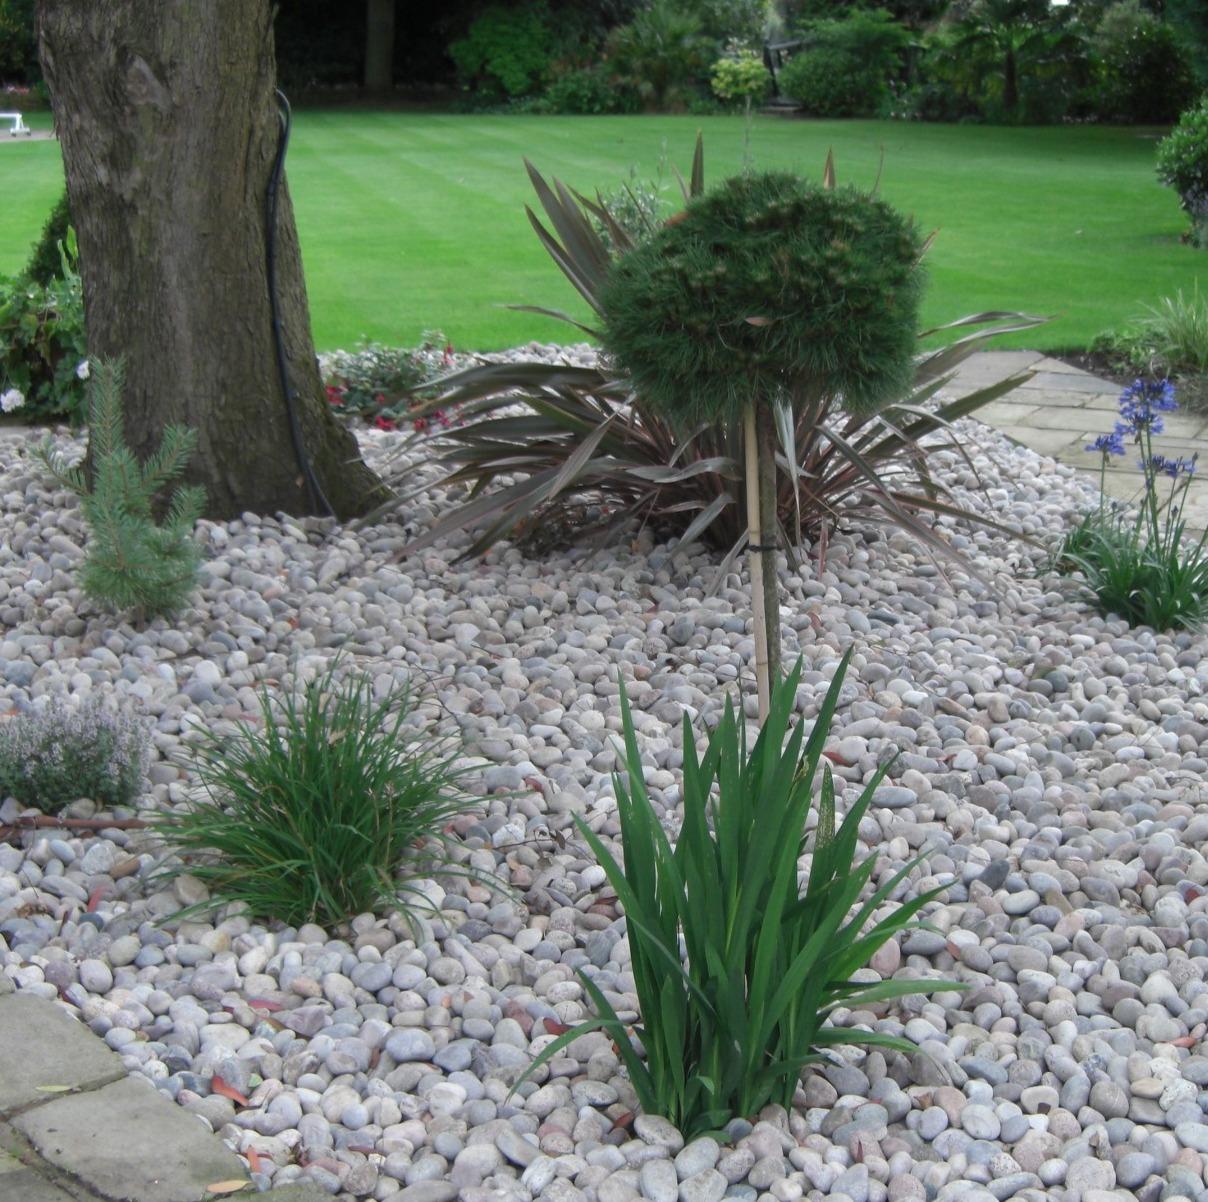 Bags Of Pebbles For Garden - Garden Designs